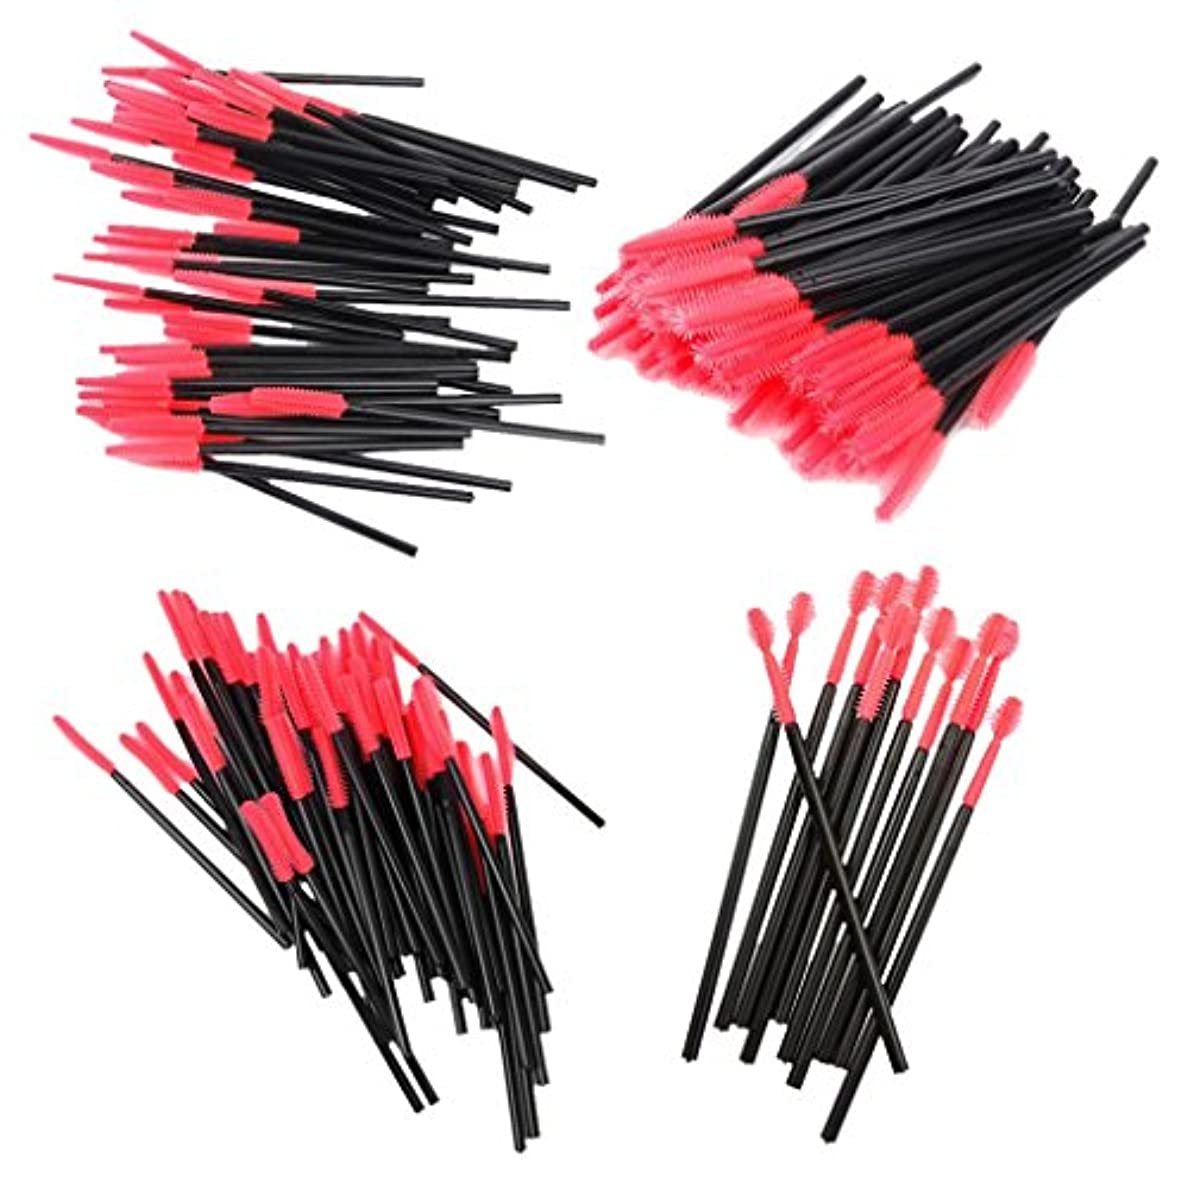 処方するまとめるめ言葉【ノーブランド品】化粧筆 まつげブラシ スクリューブラシ 4種類 使い捨て 約200本入り